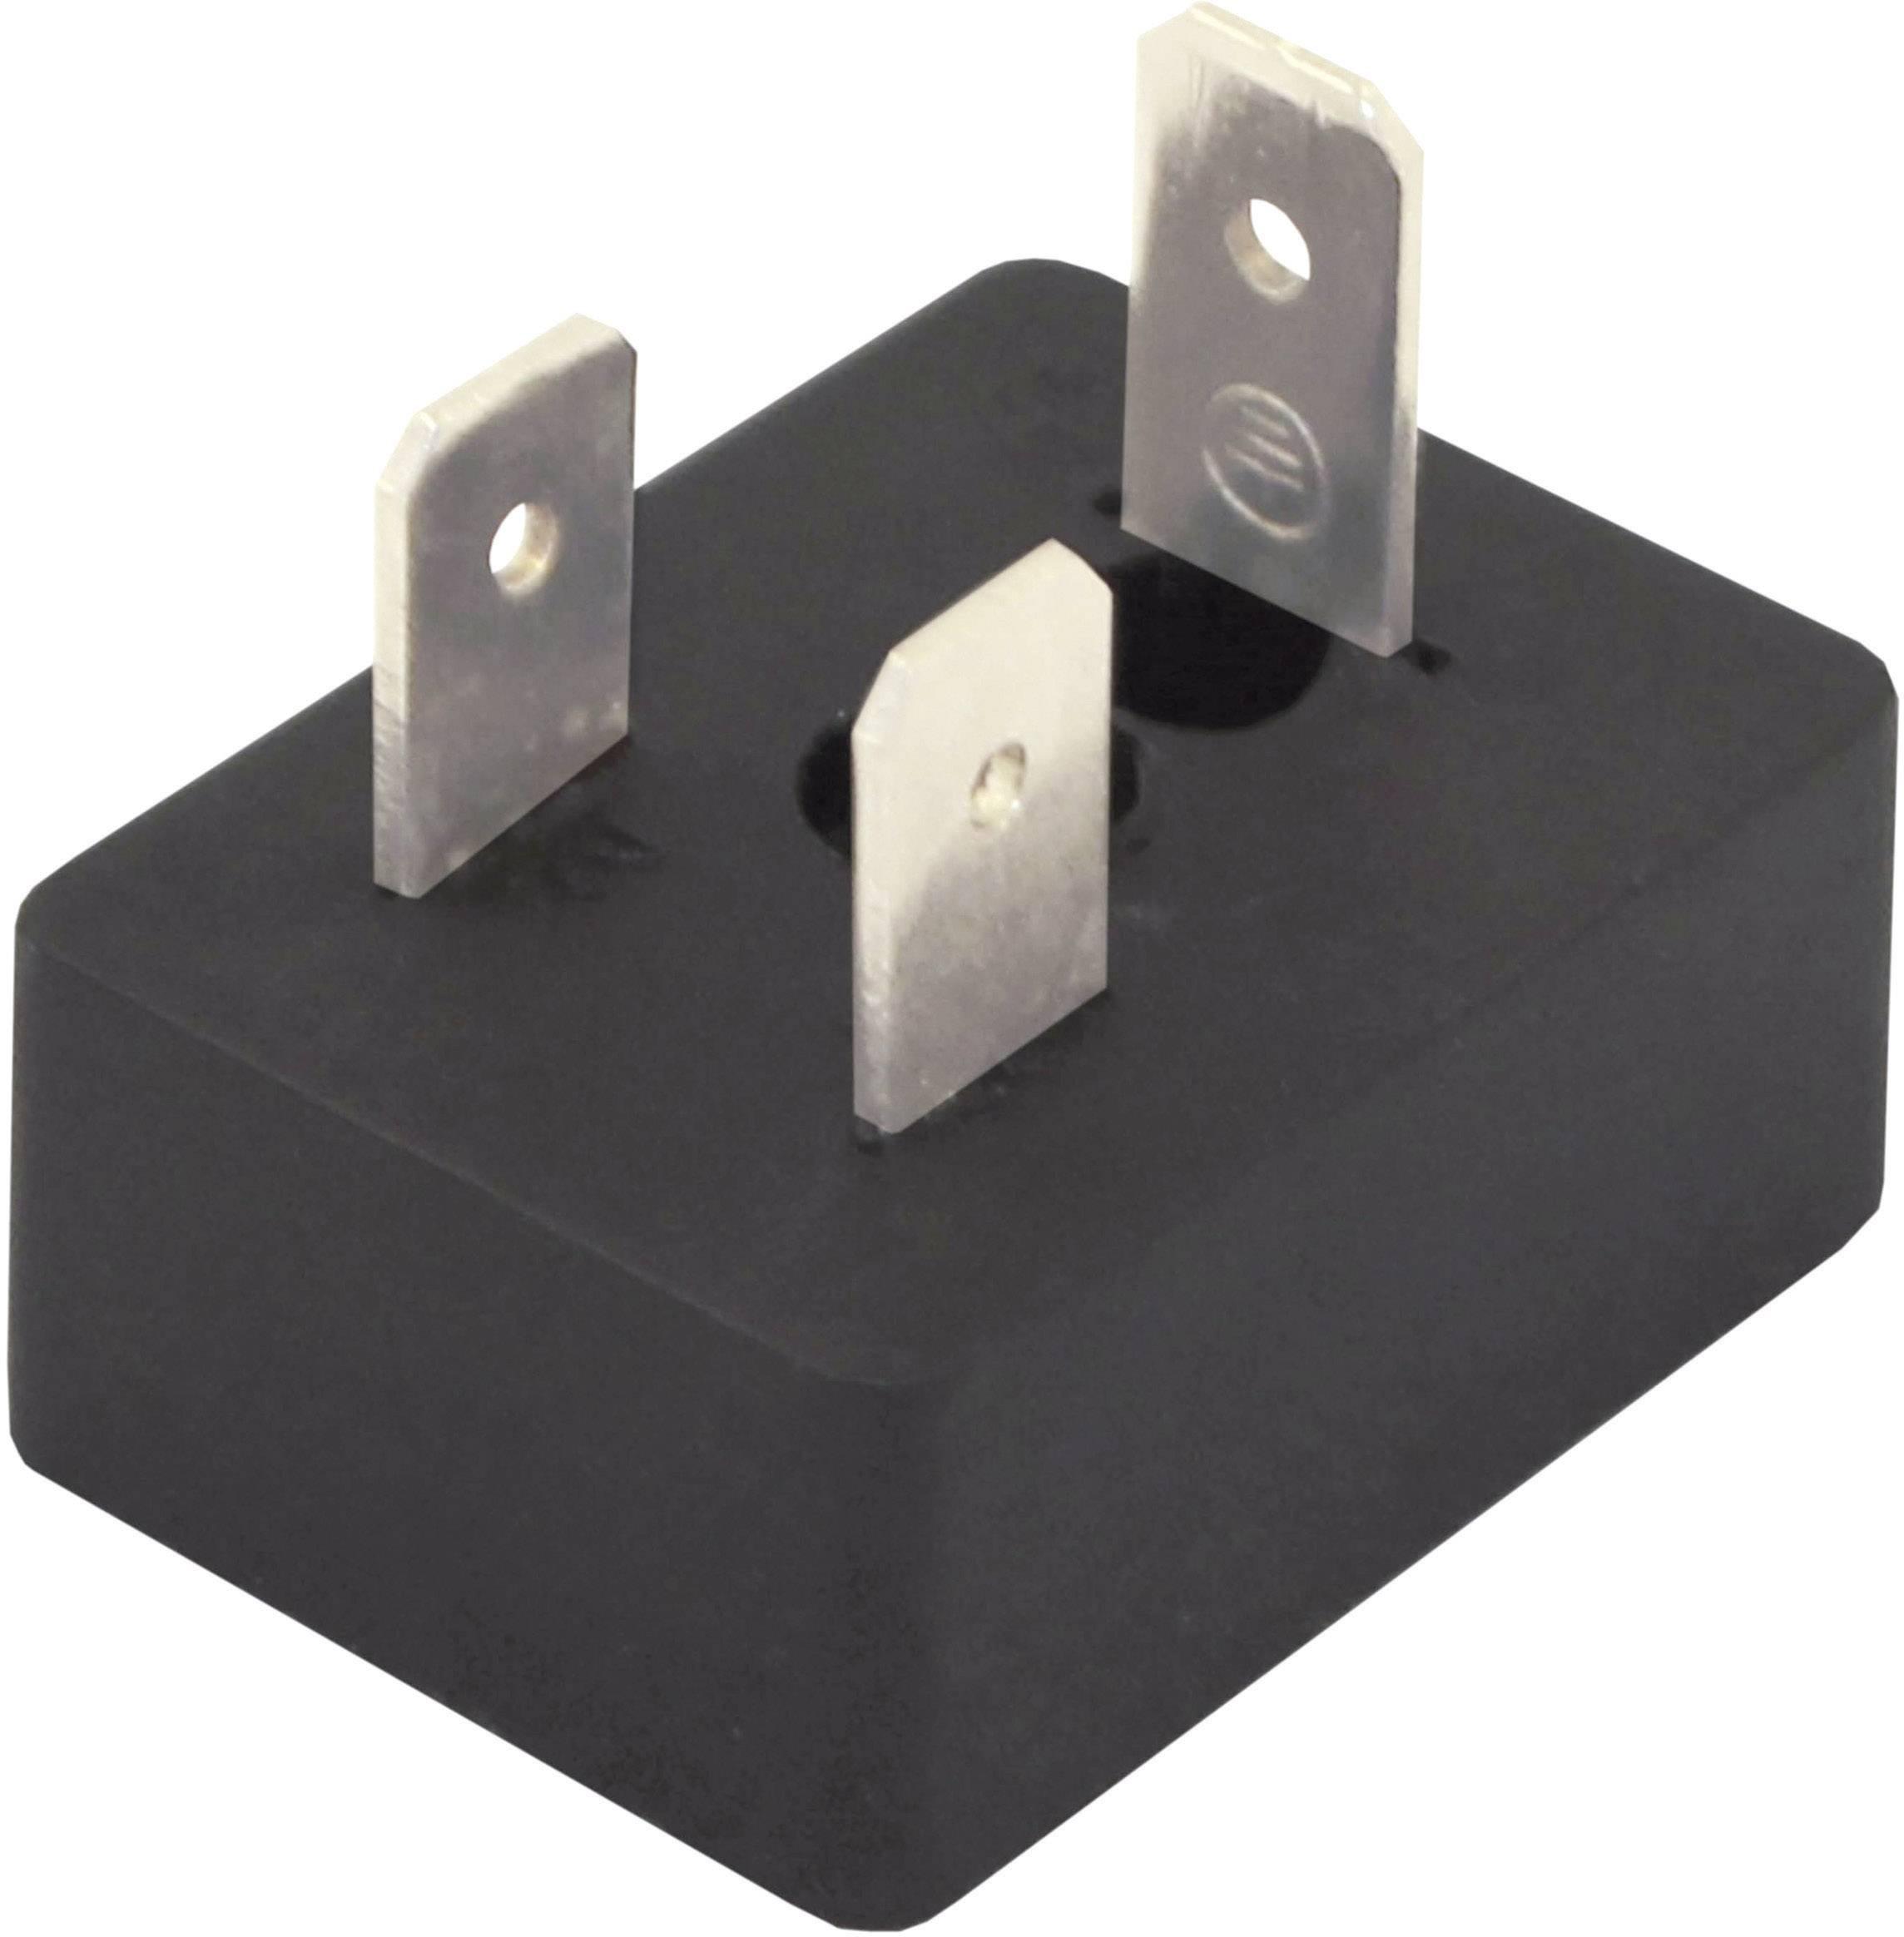 Ventilový konektor HTP BM1N02000, IP65 (namontované), černá